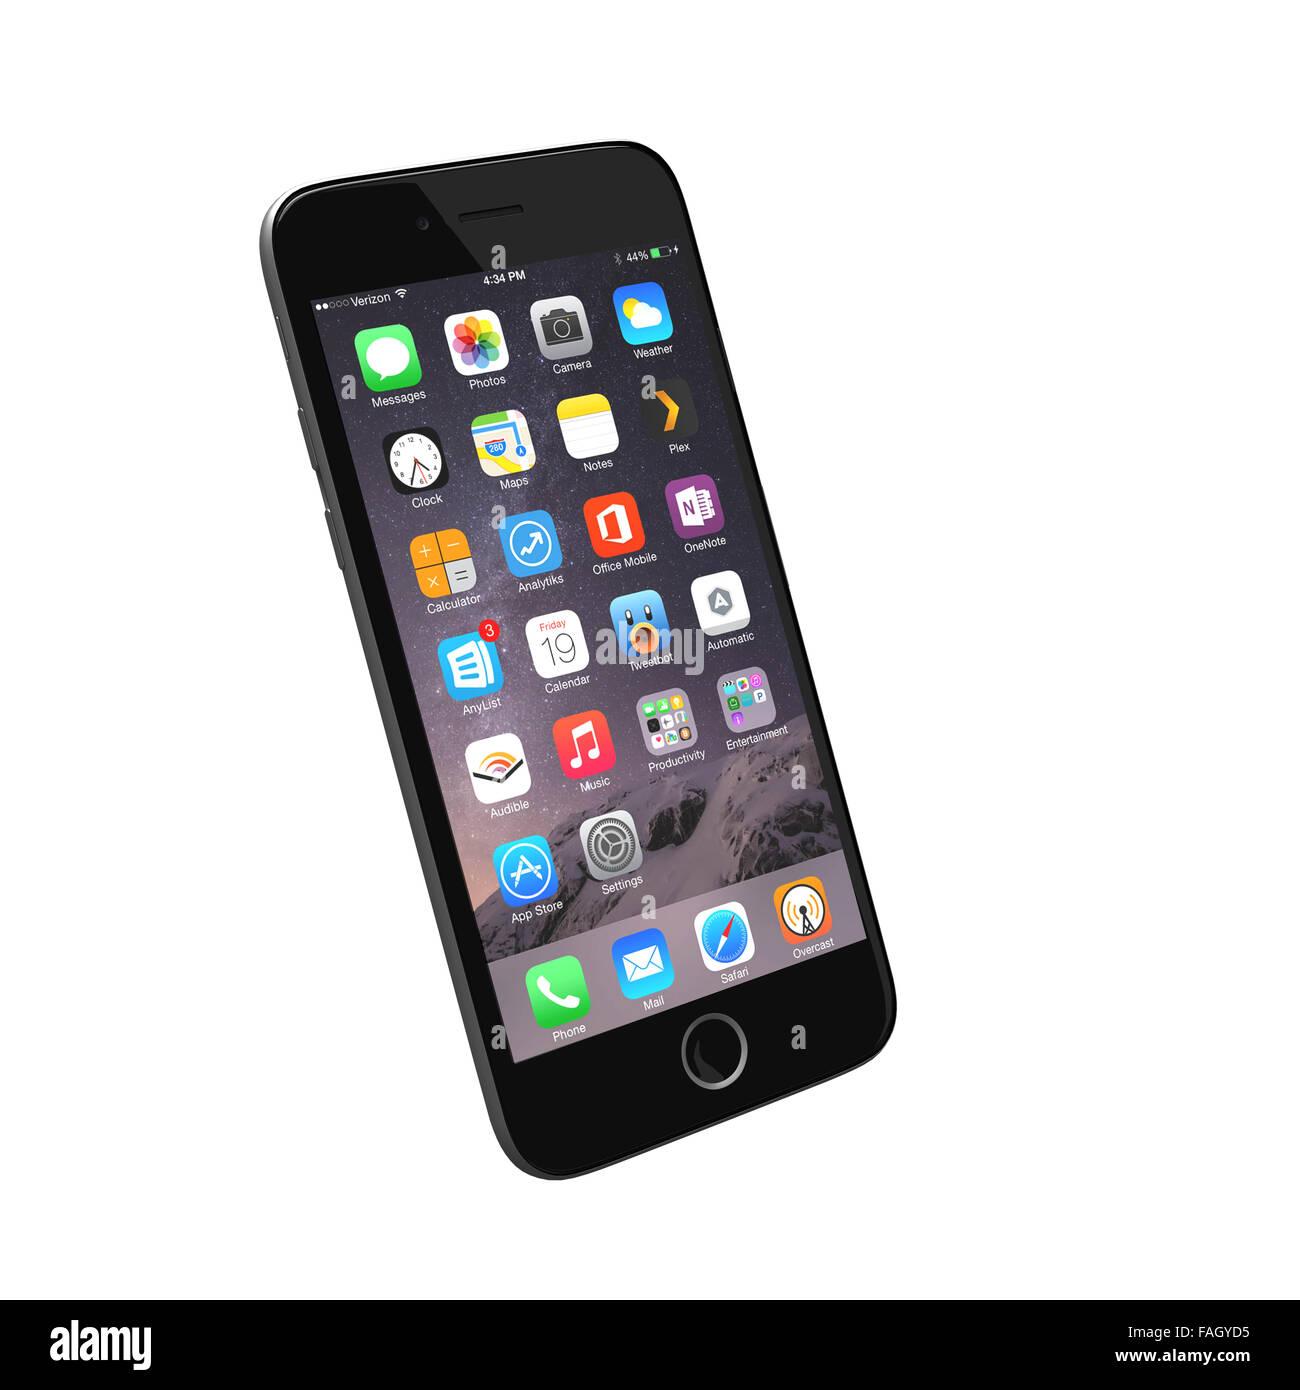 Hilvarenbeek, Netherlands  - December 18, 2015: Realistic render of a smart phone based on iPhone 6 reference images. - Stock Image